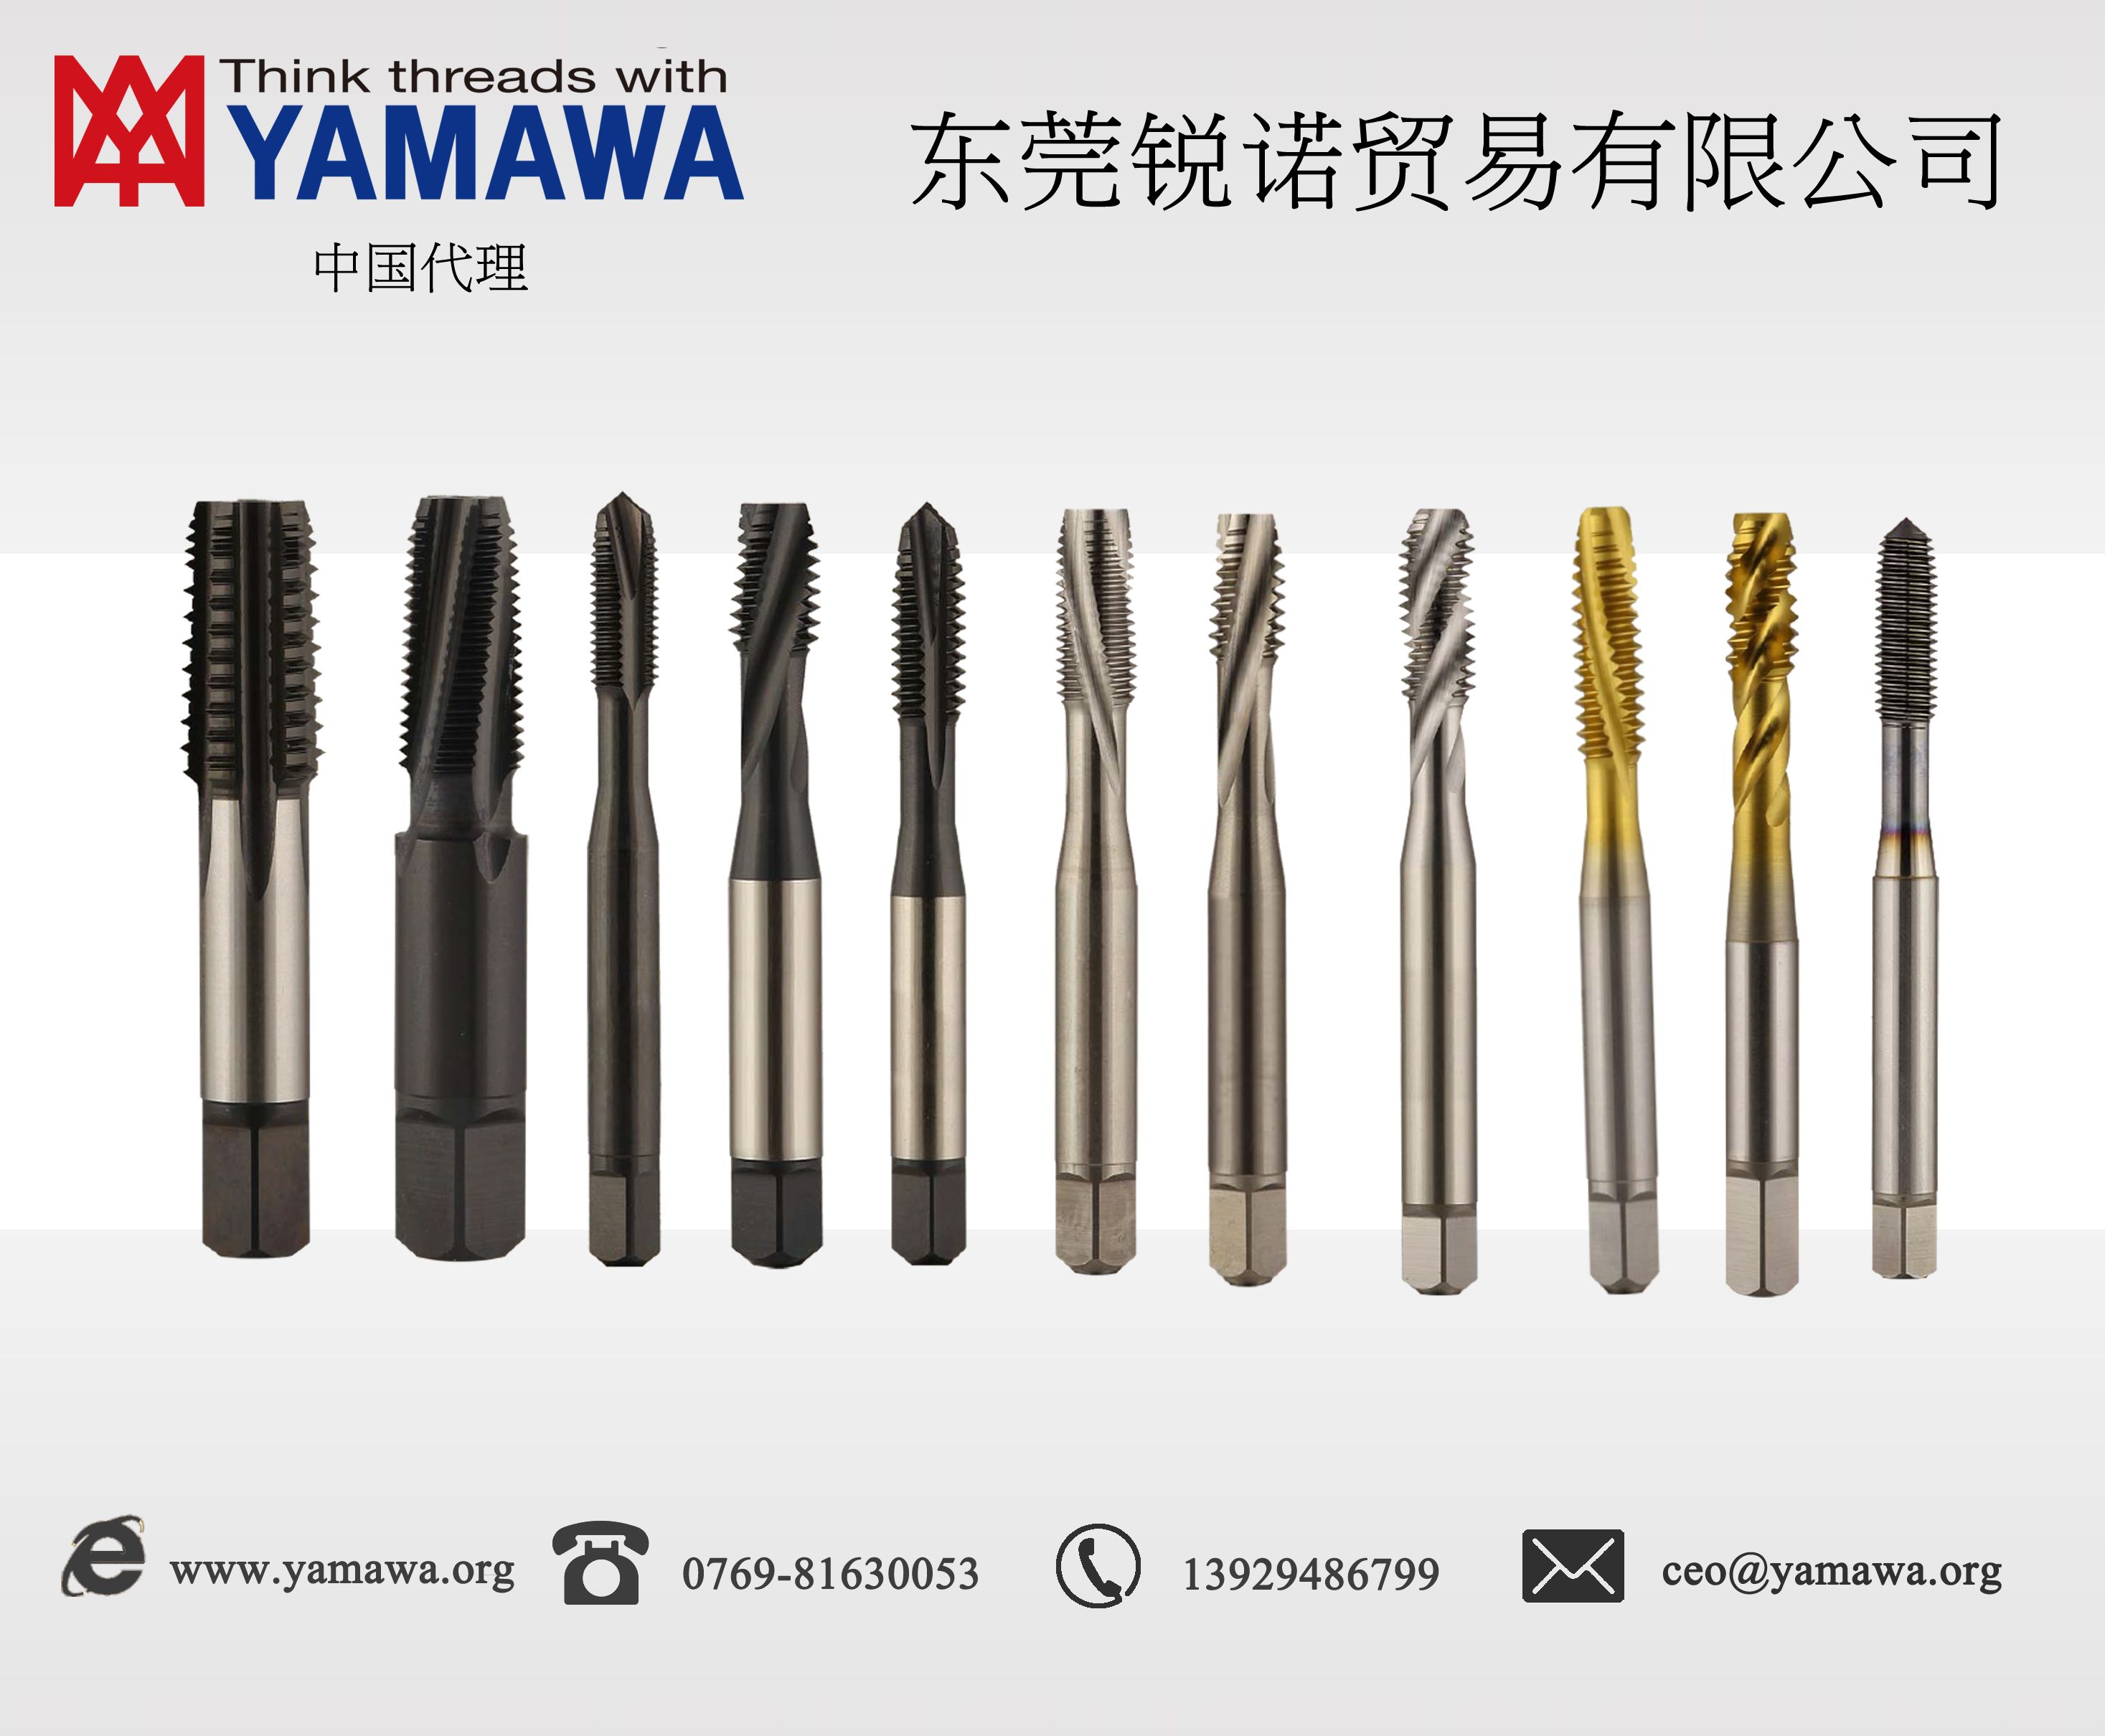 輸入する日本YAMAWA役に立ち糸攻管牙タップLS-PT1 / 41 / 83 /はち